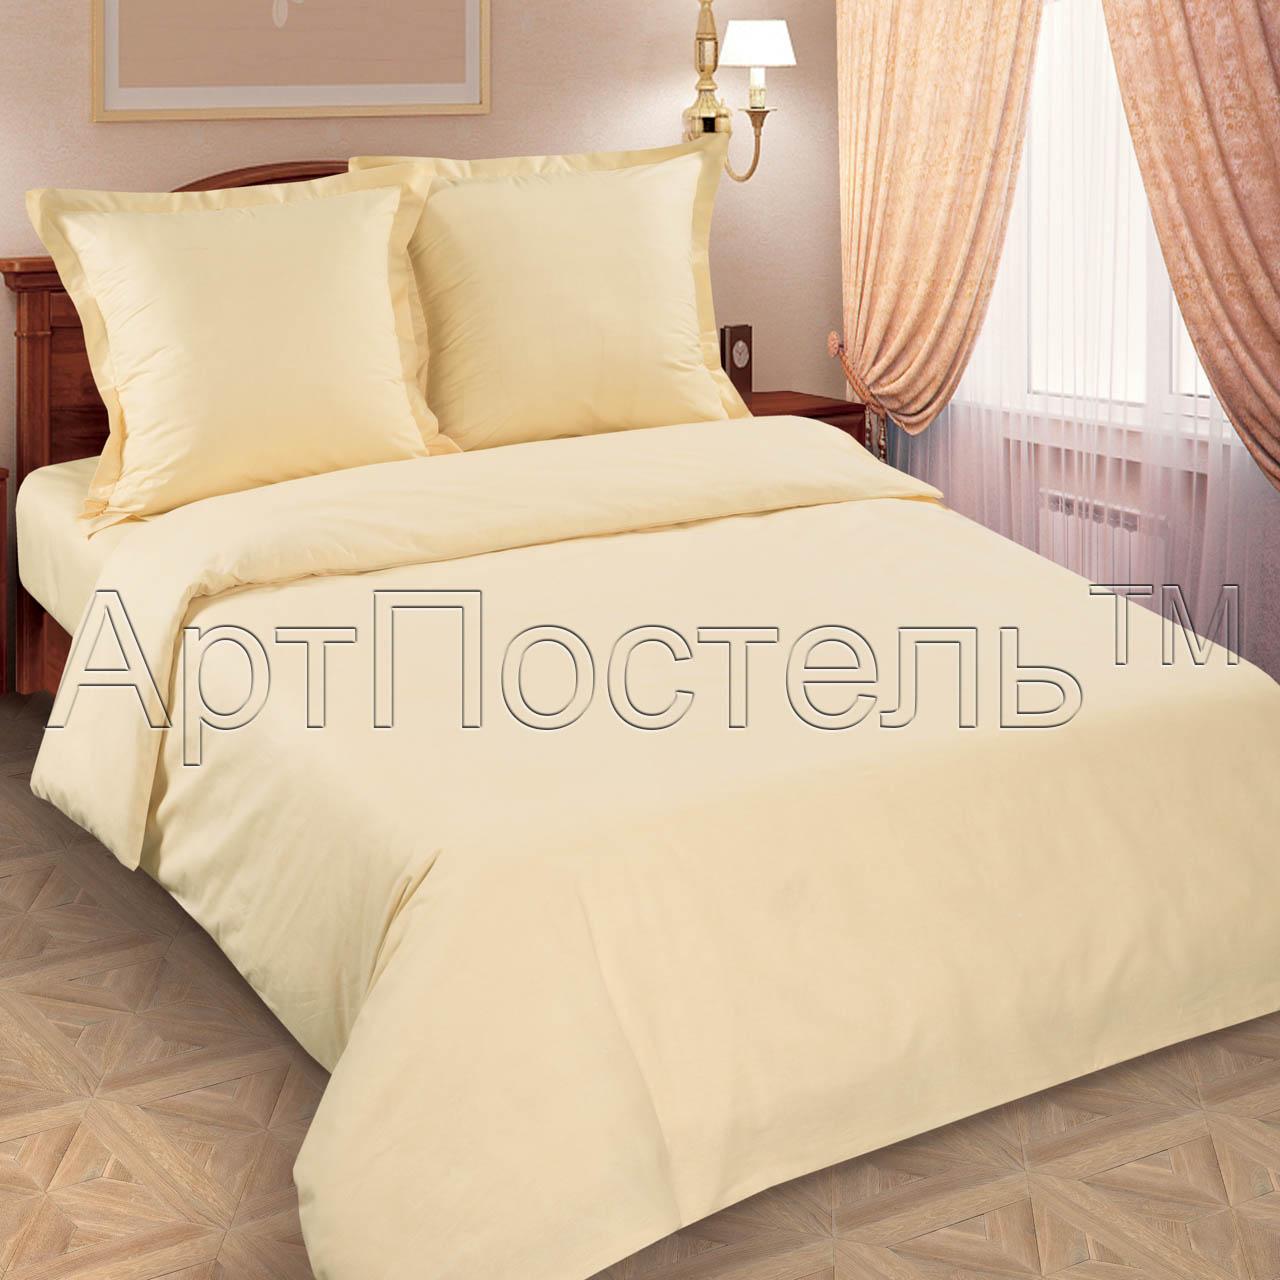 Комплект Шампань, размер 2,0-спальный с европростынейПоплин<br>Плотность ткани: 115 г/кв. м <br>Пододеяльник: 217х175 см - 1 шт. <br>Простыня: 220х240 см - 1 шт. <br>Наволочка: 70х70 см - 2 шт.<br><br>Тип: КПБ<br>Размер: 2,0-сп. евро<br>Материал: Поплин